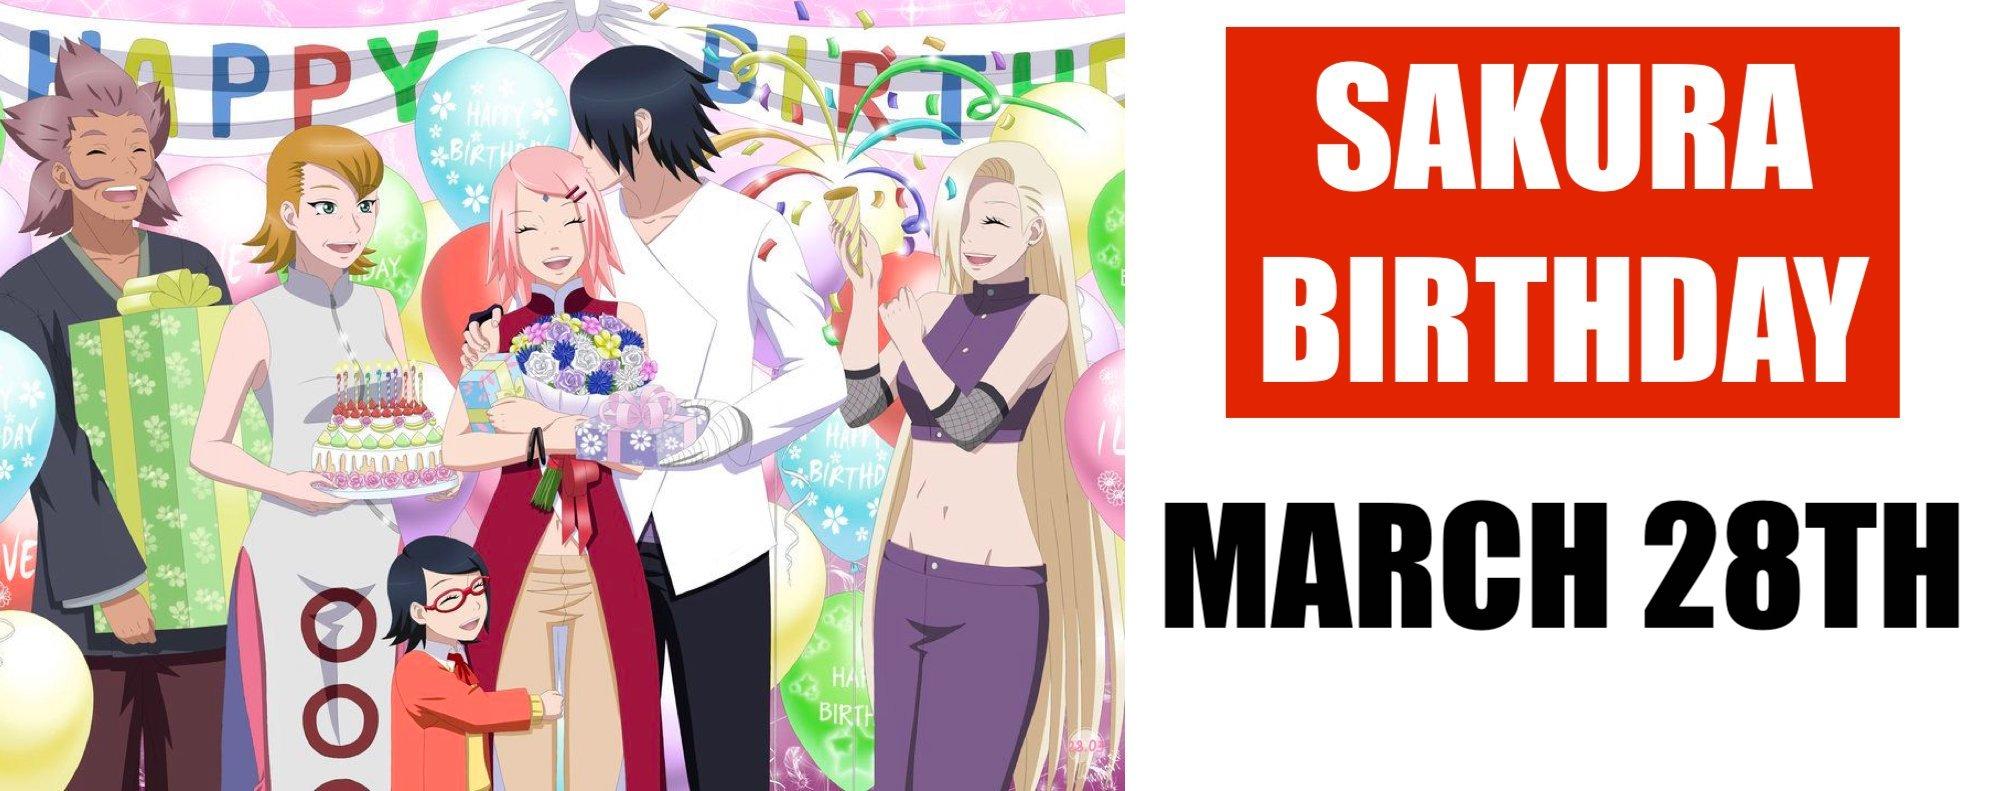 When is Sakura's Birthday